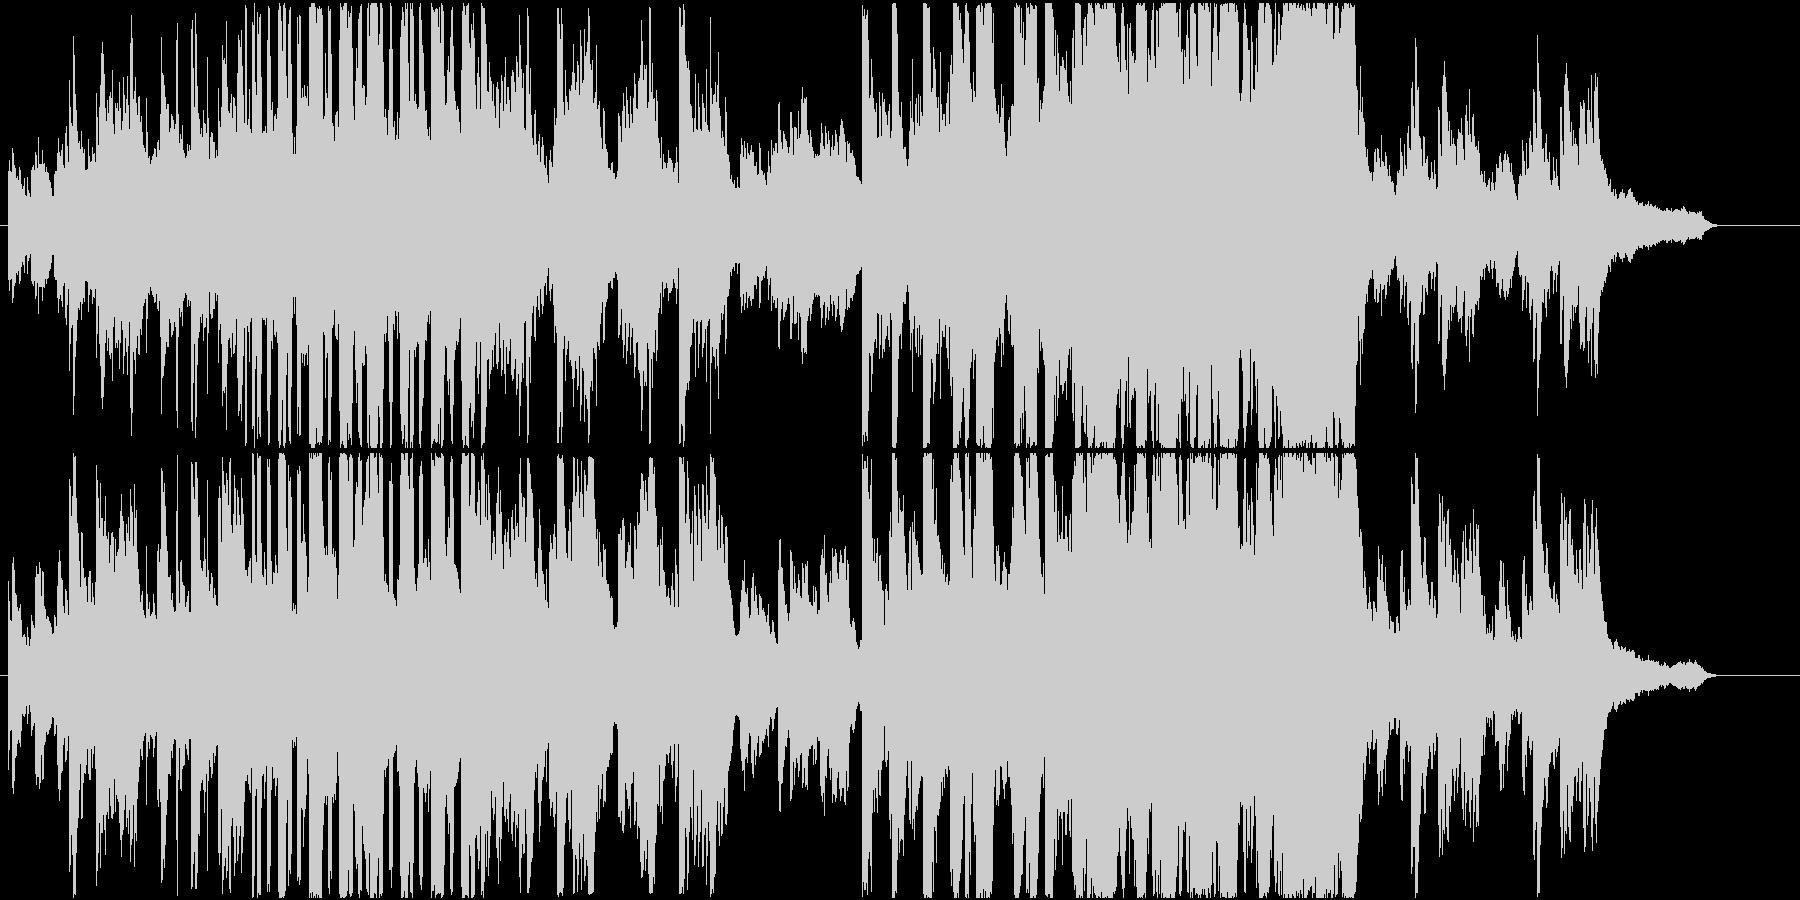 感動を呼ぶ美しいピアノ曲 和風 アニメの未再生の波形